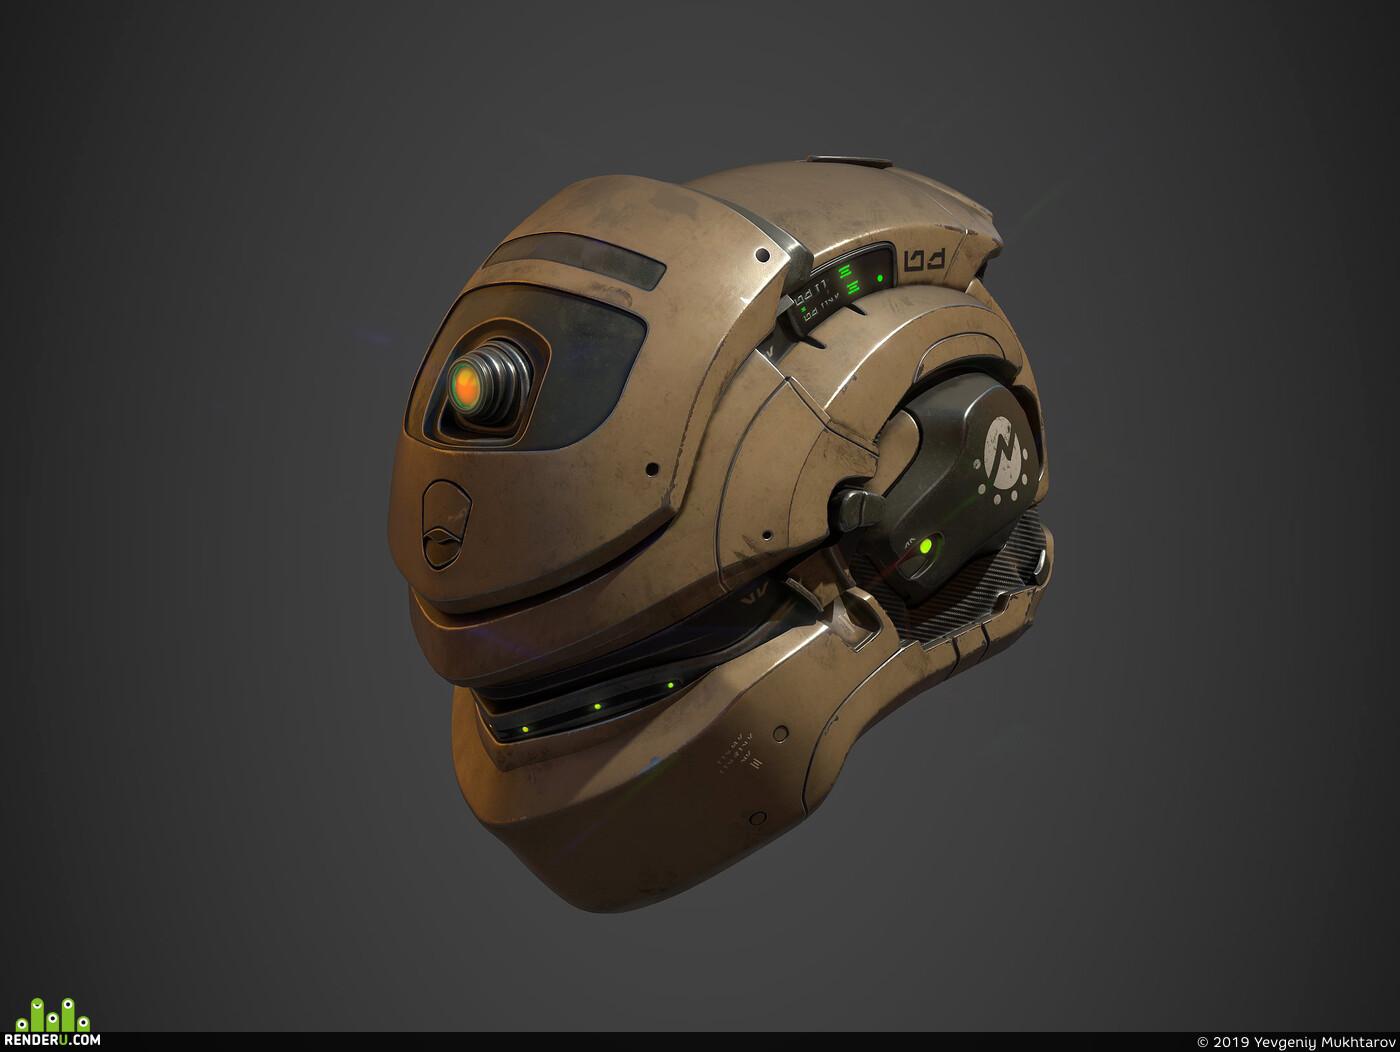 sci-fi helmet, futuristic